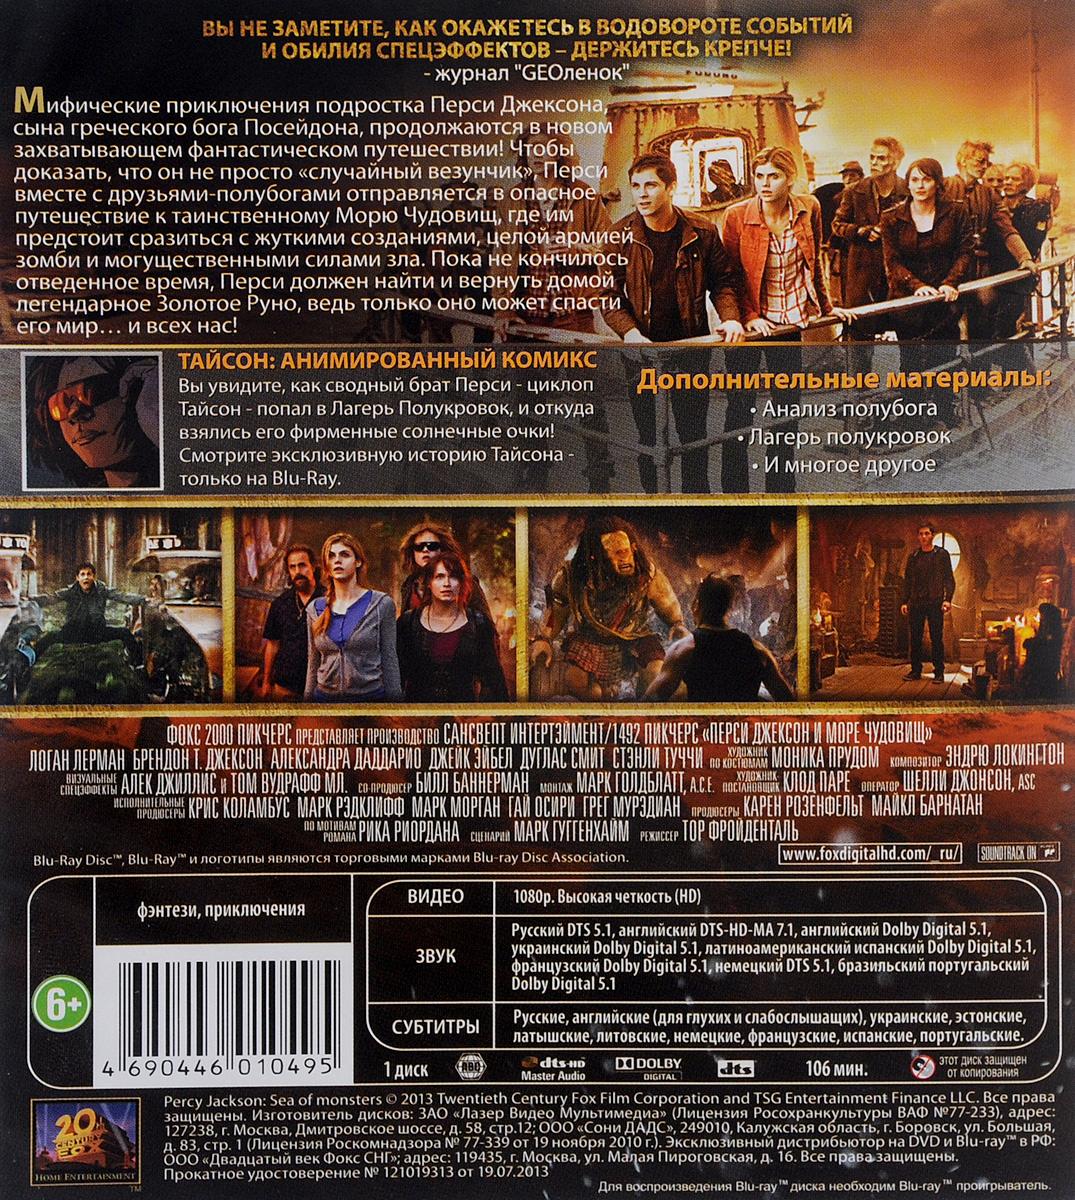 Перси Джексон и Море чудовищ (Blu-ray) Fox 2000 Pictures